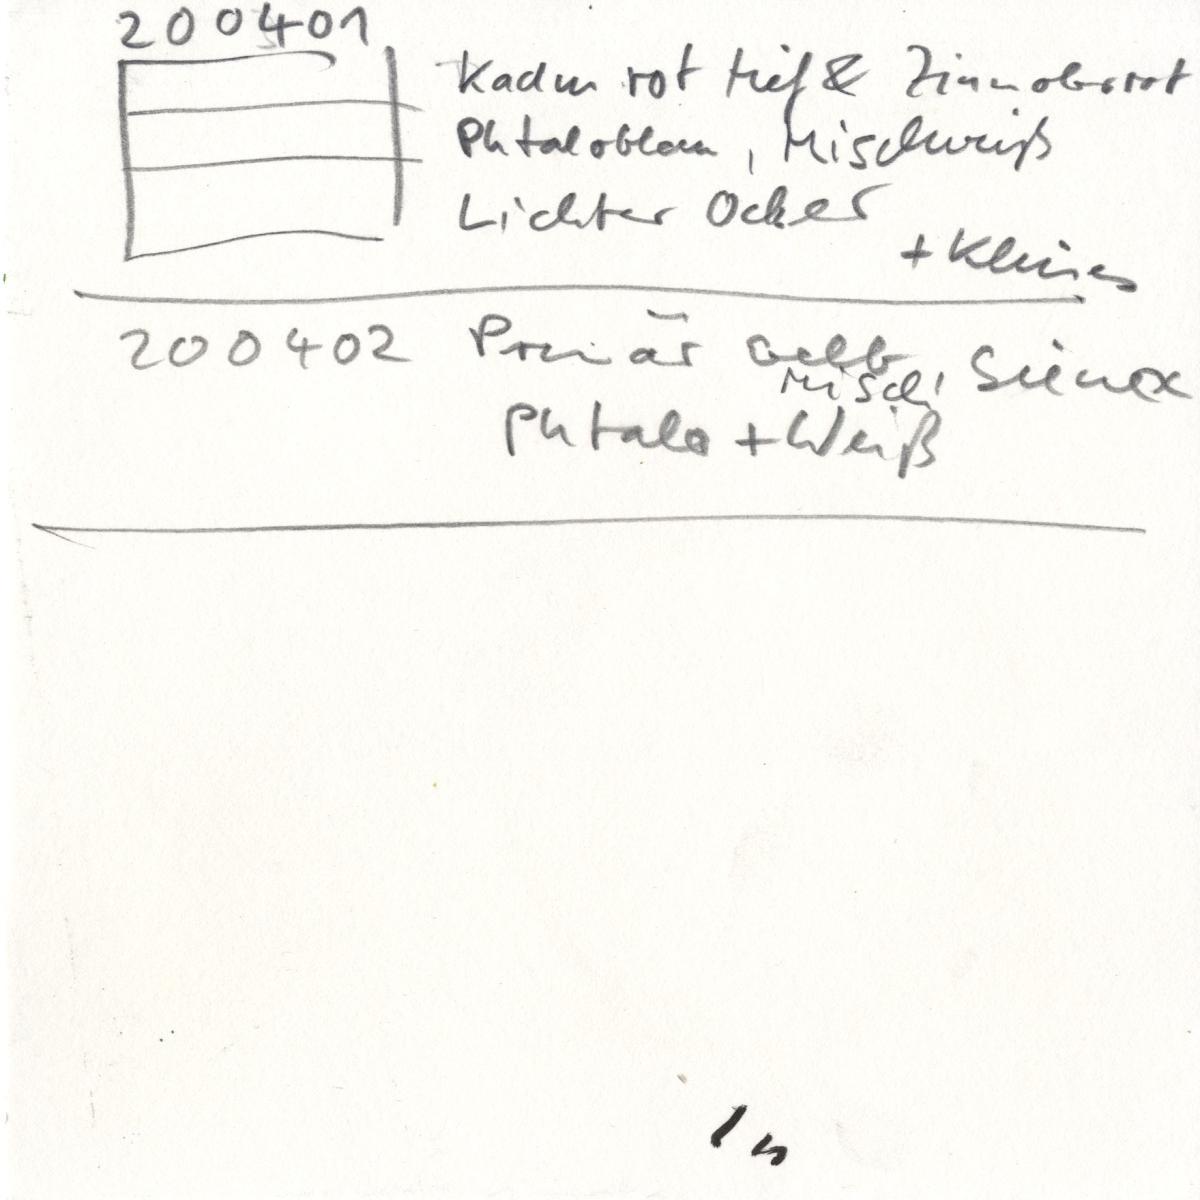 cdia_200402